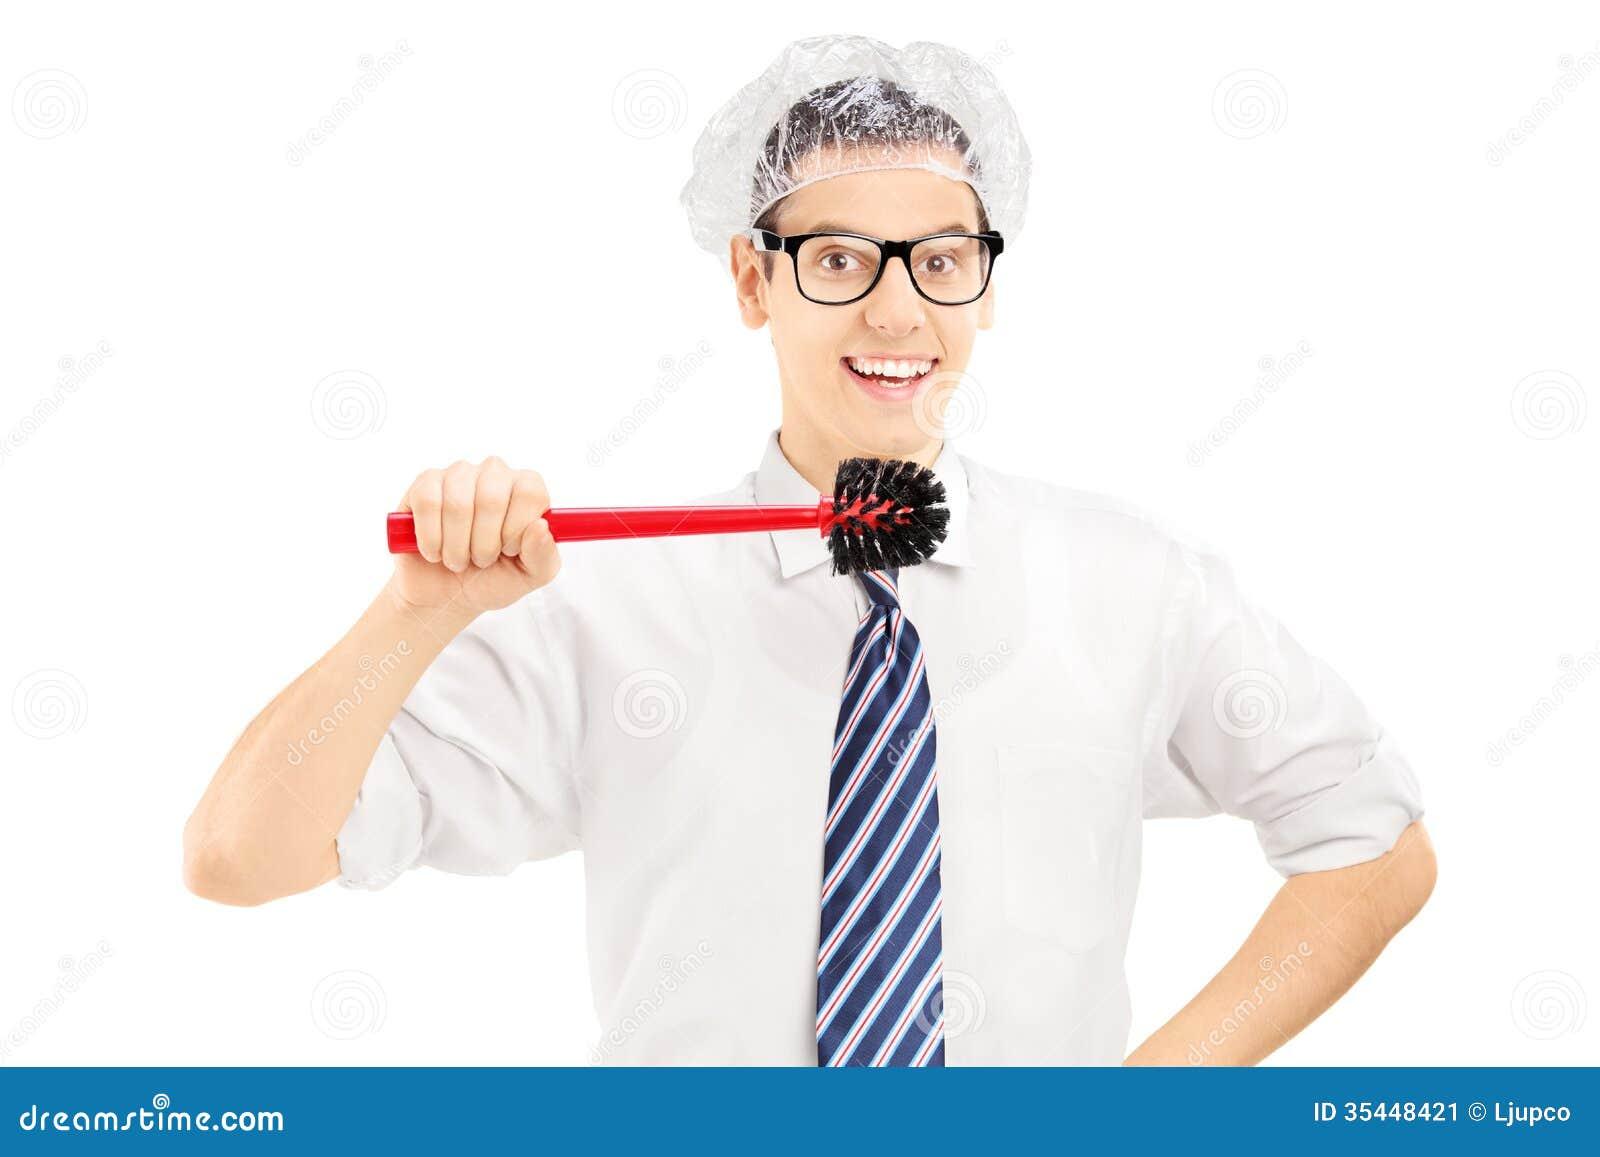 Jeune homme dr le tenant une brosse de toilette environ pour nettoyer ses den - Comment nettoyer le fond des toilettes ...